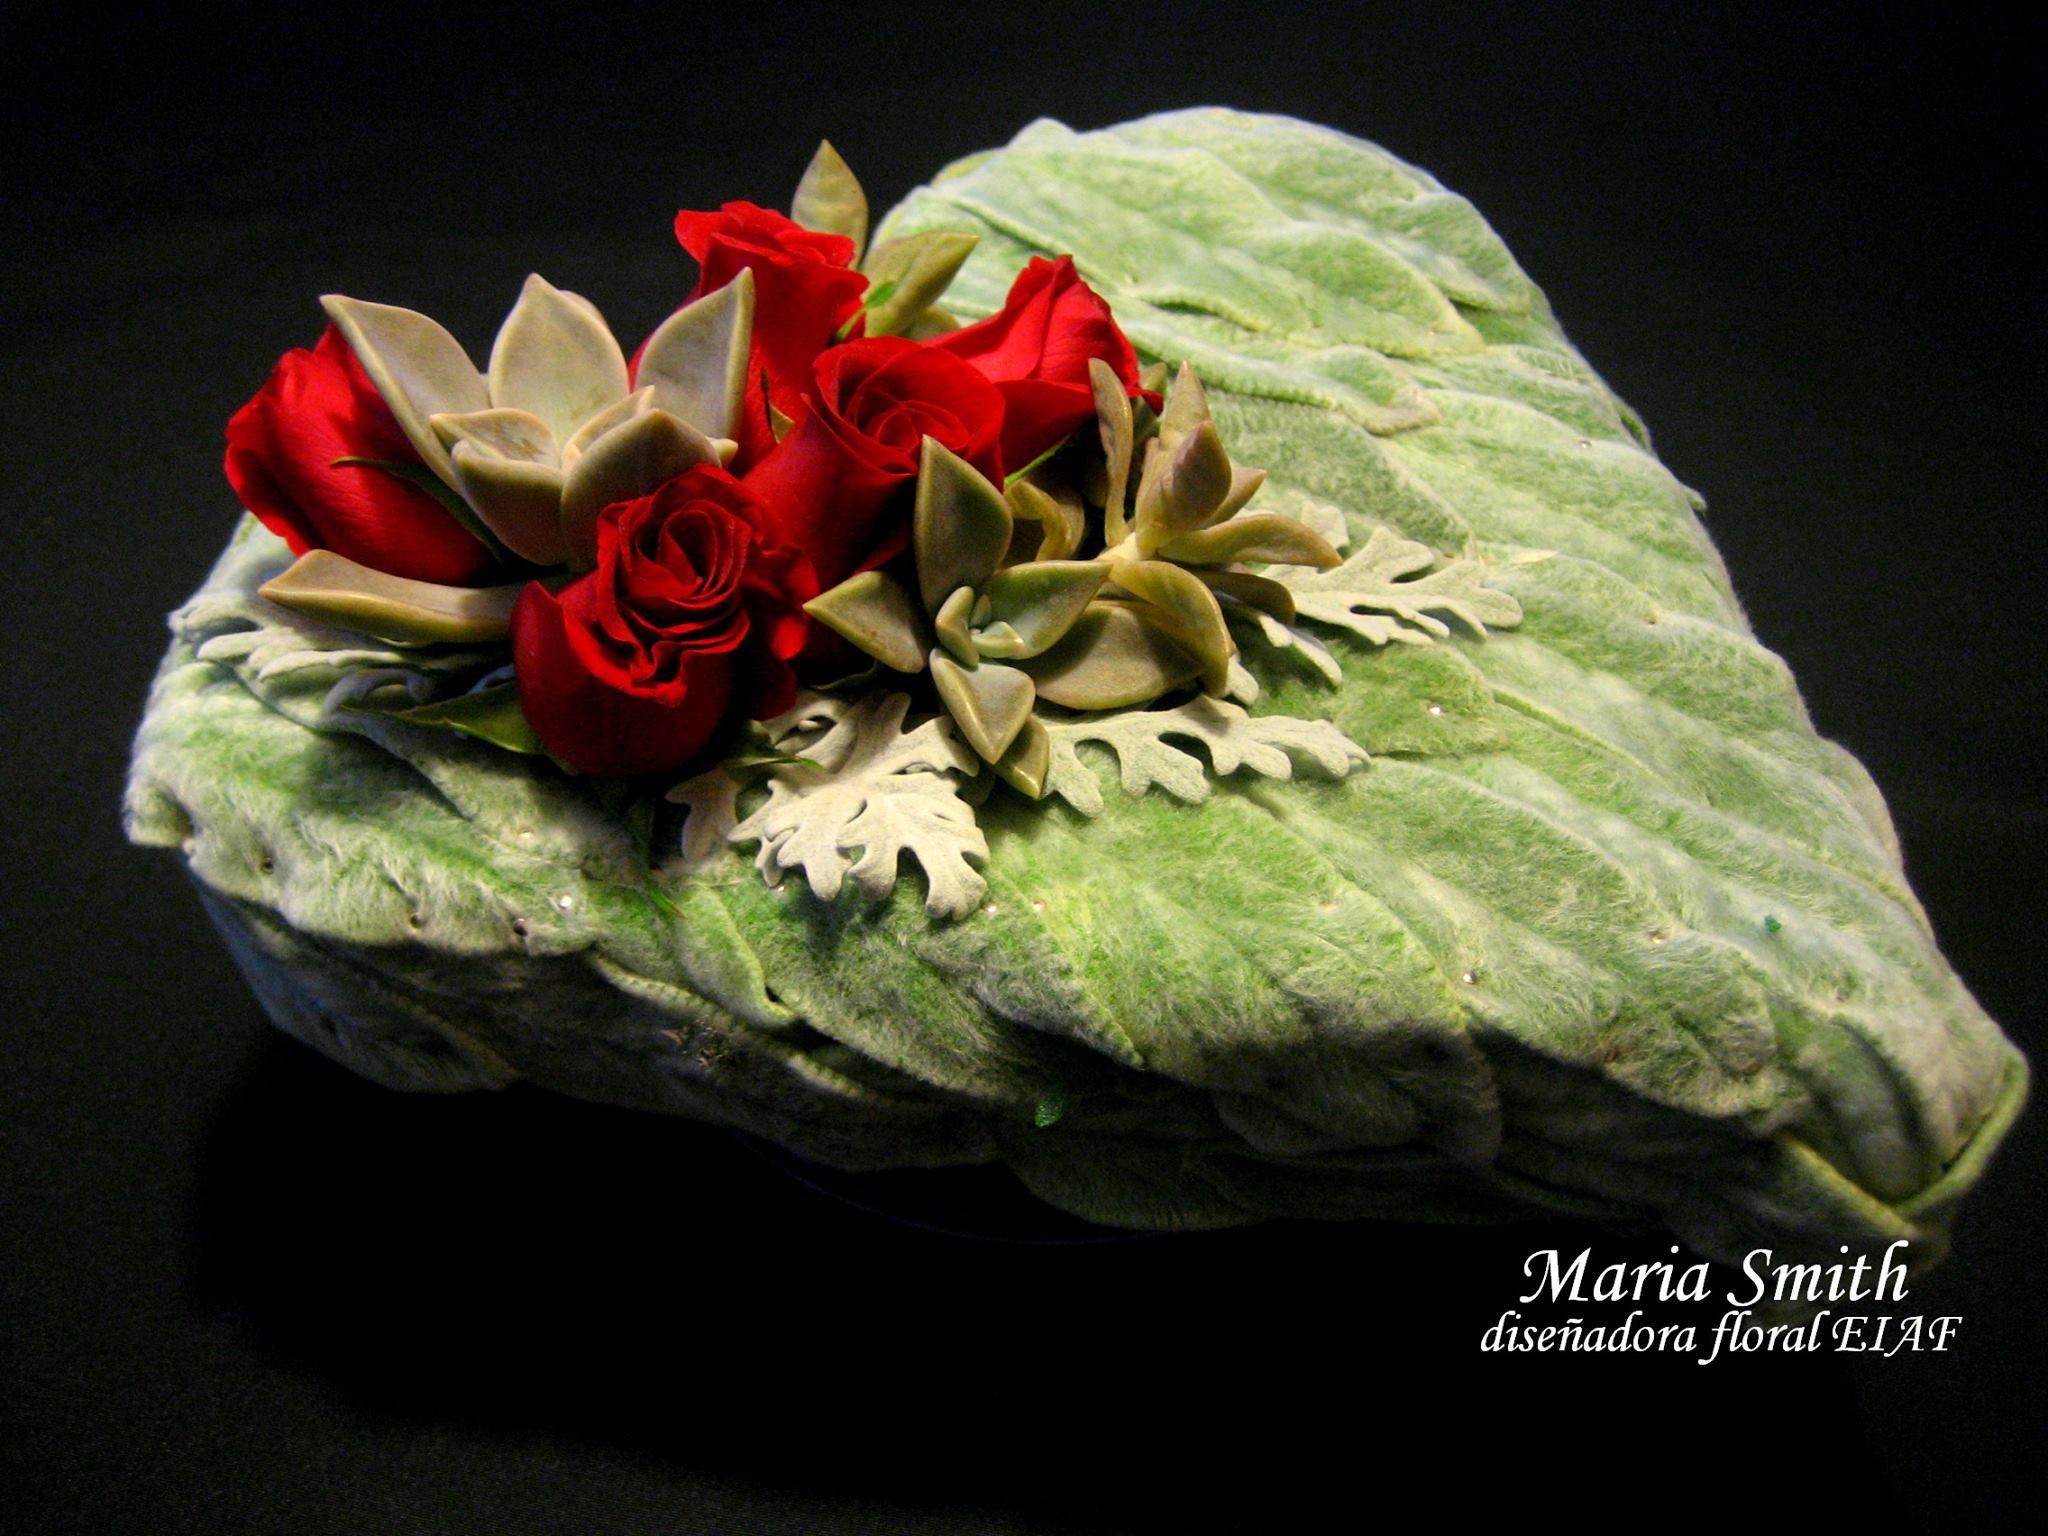 Artist: Maria Smith, M. B. Smith estudio de Arquitectura y Diseño Floral